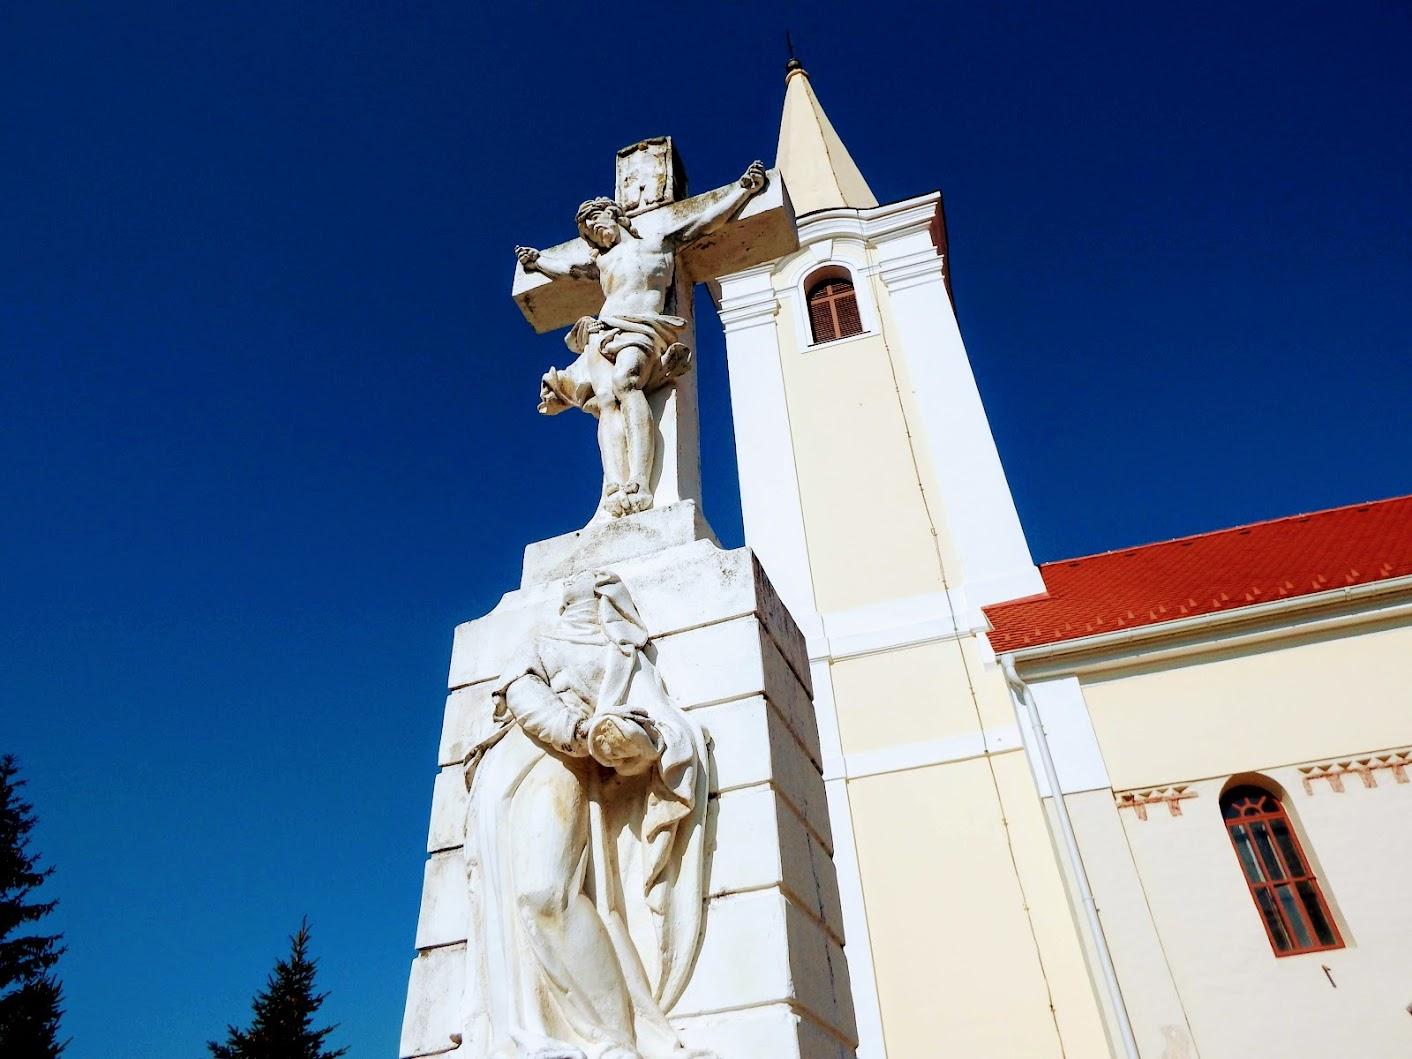 Bő - temetői kereszt a templom mellett